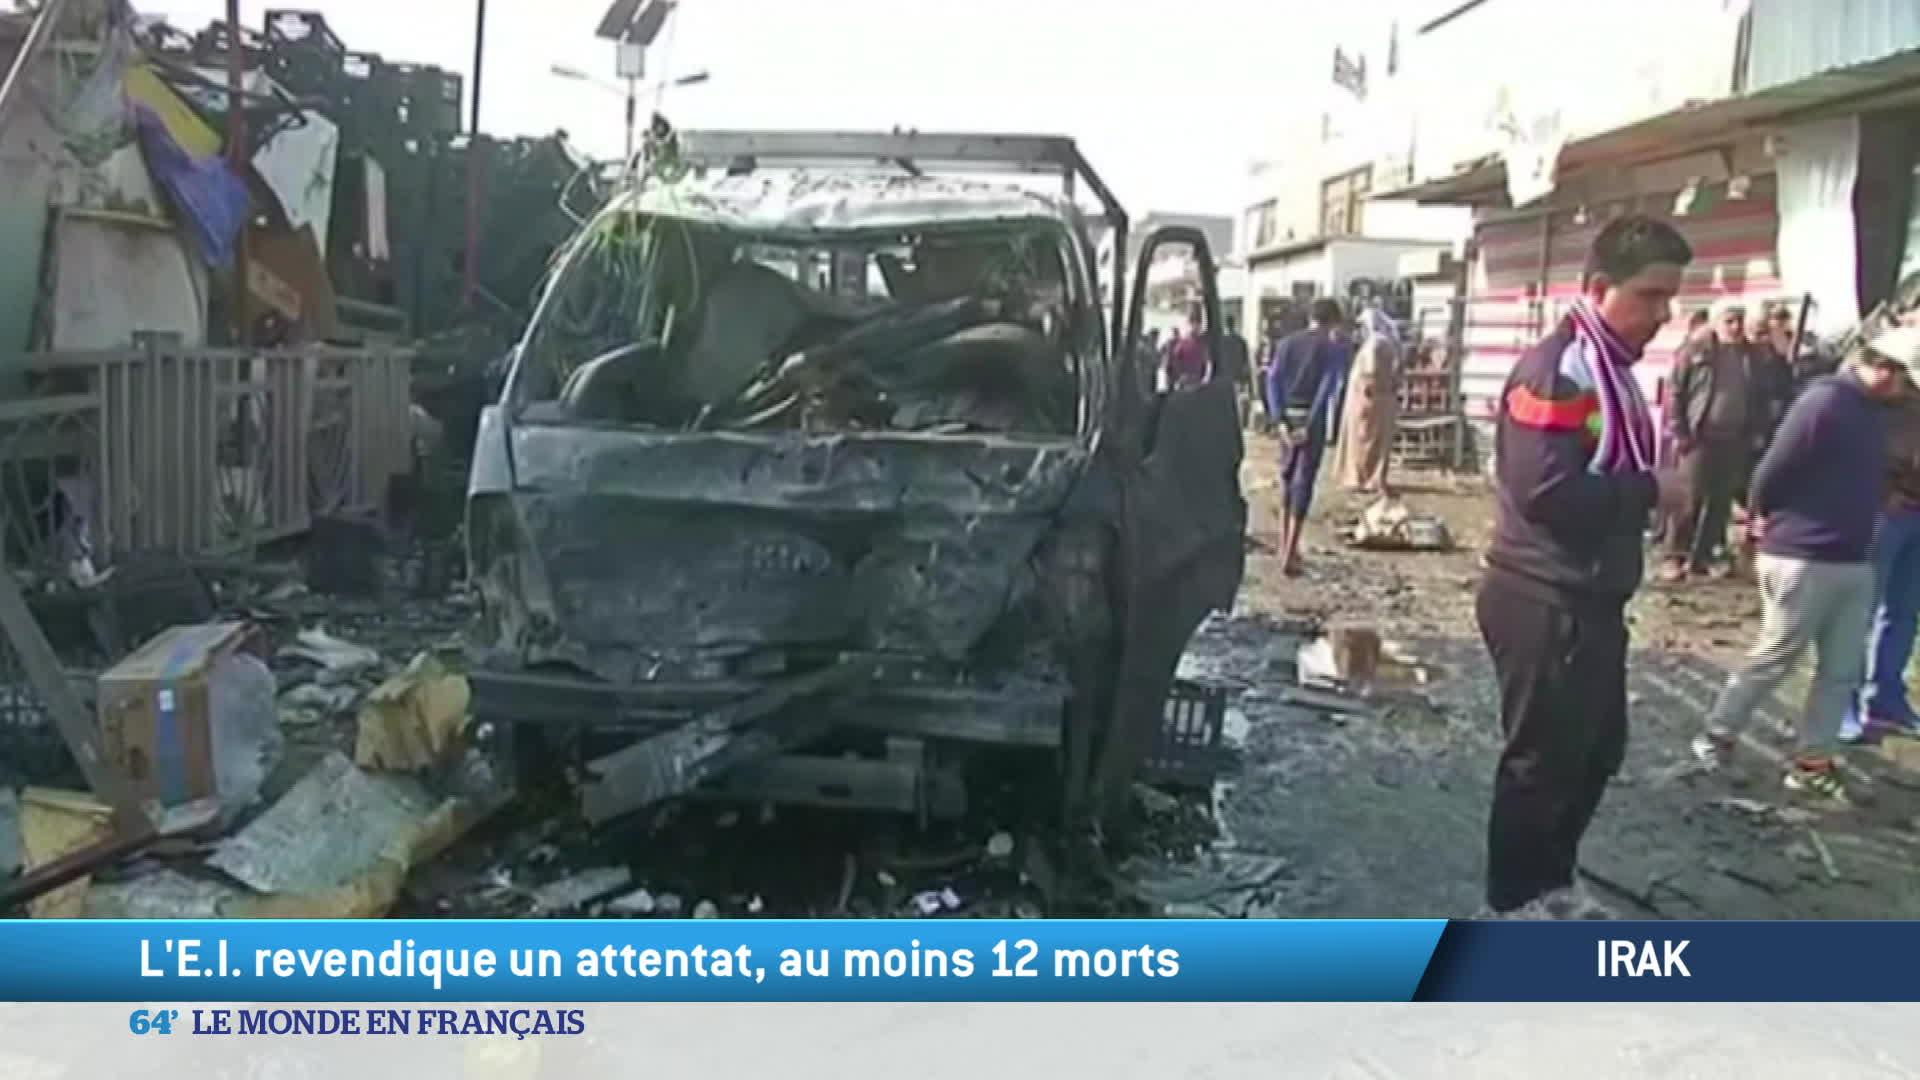 Irak : l'E.I. revendique un attentat, au moins 12 morts